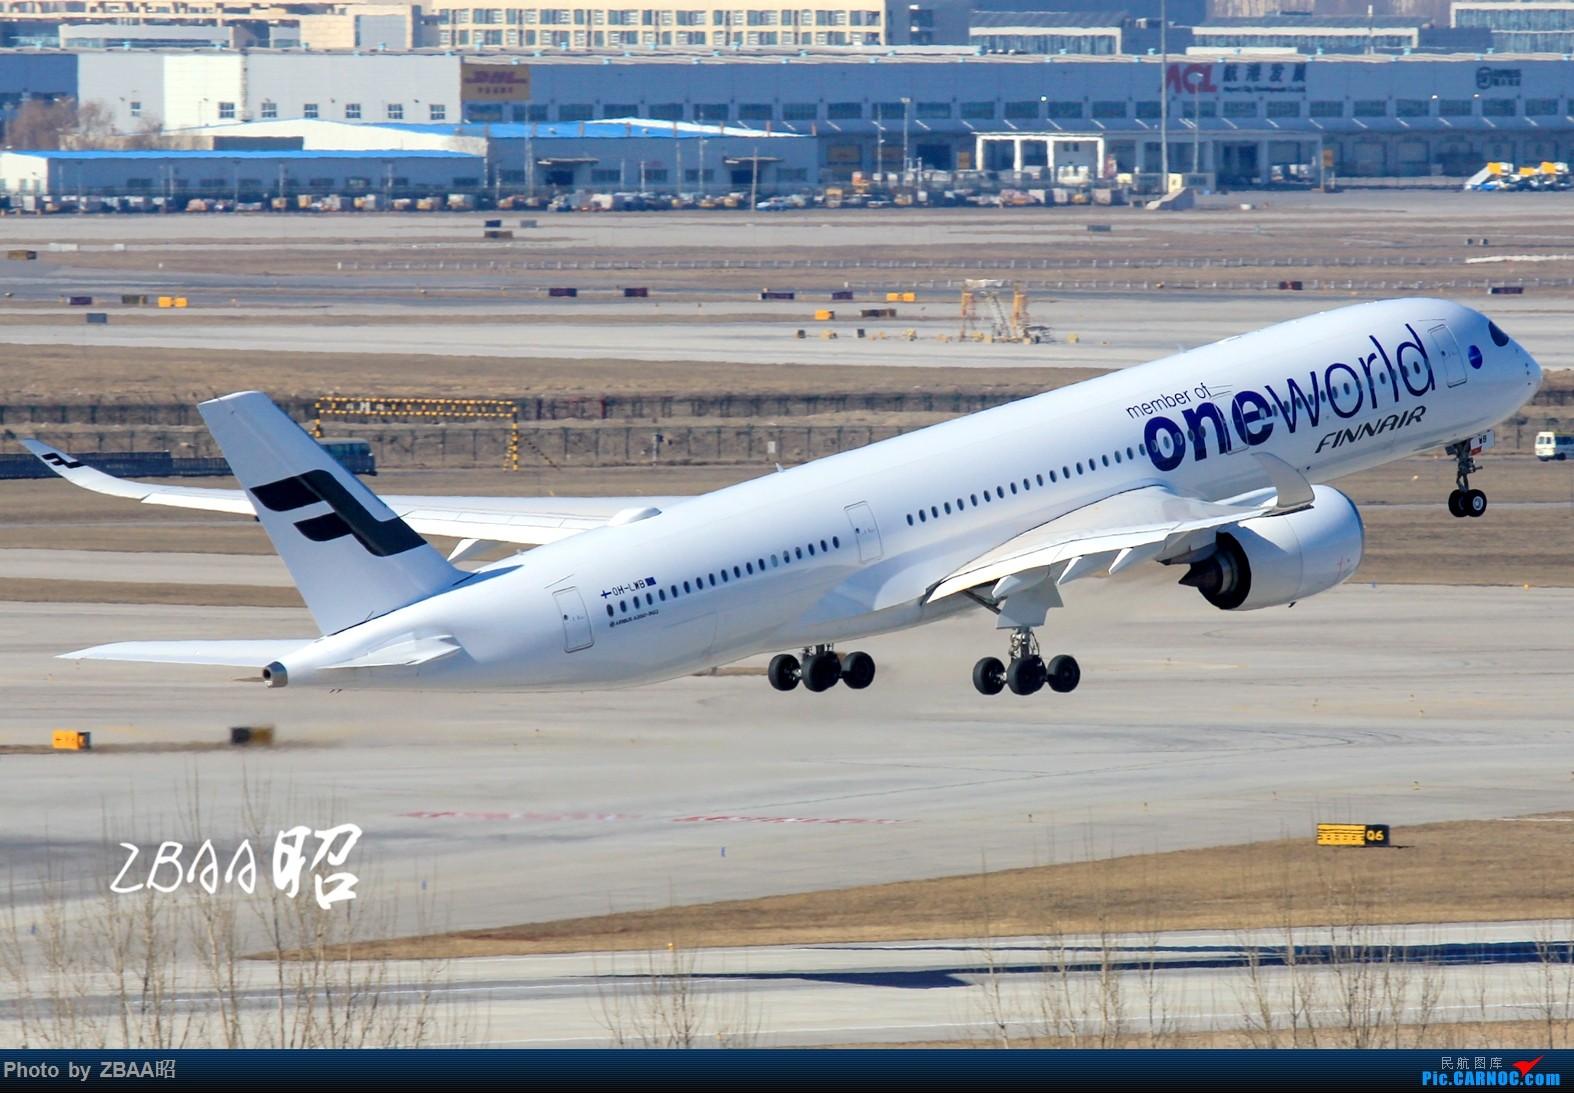 Re:[原创]迟到贴 芬兰航空ow,阿提哈德蓝月亮,接他们来送他们走 AIRBUS A350-900 OH-LWB 中国北京首都国际机场